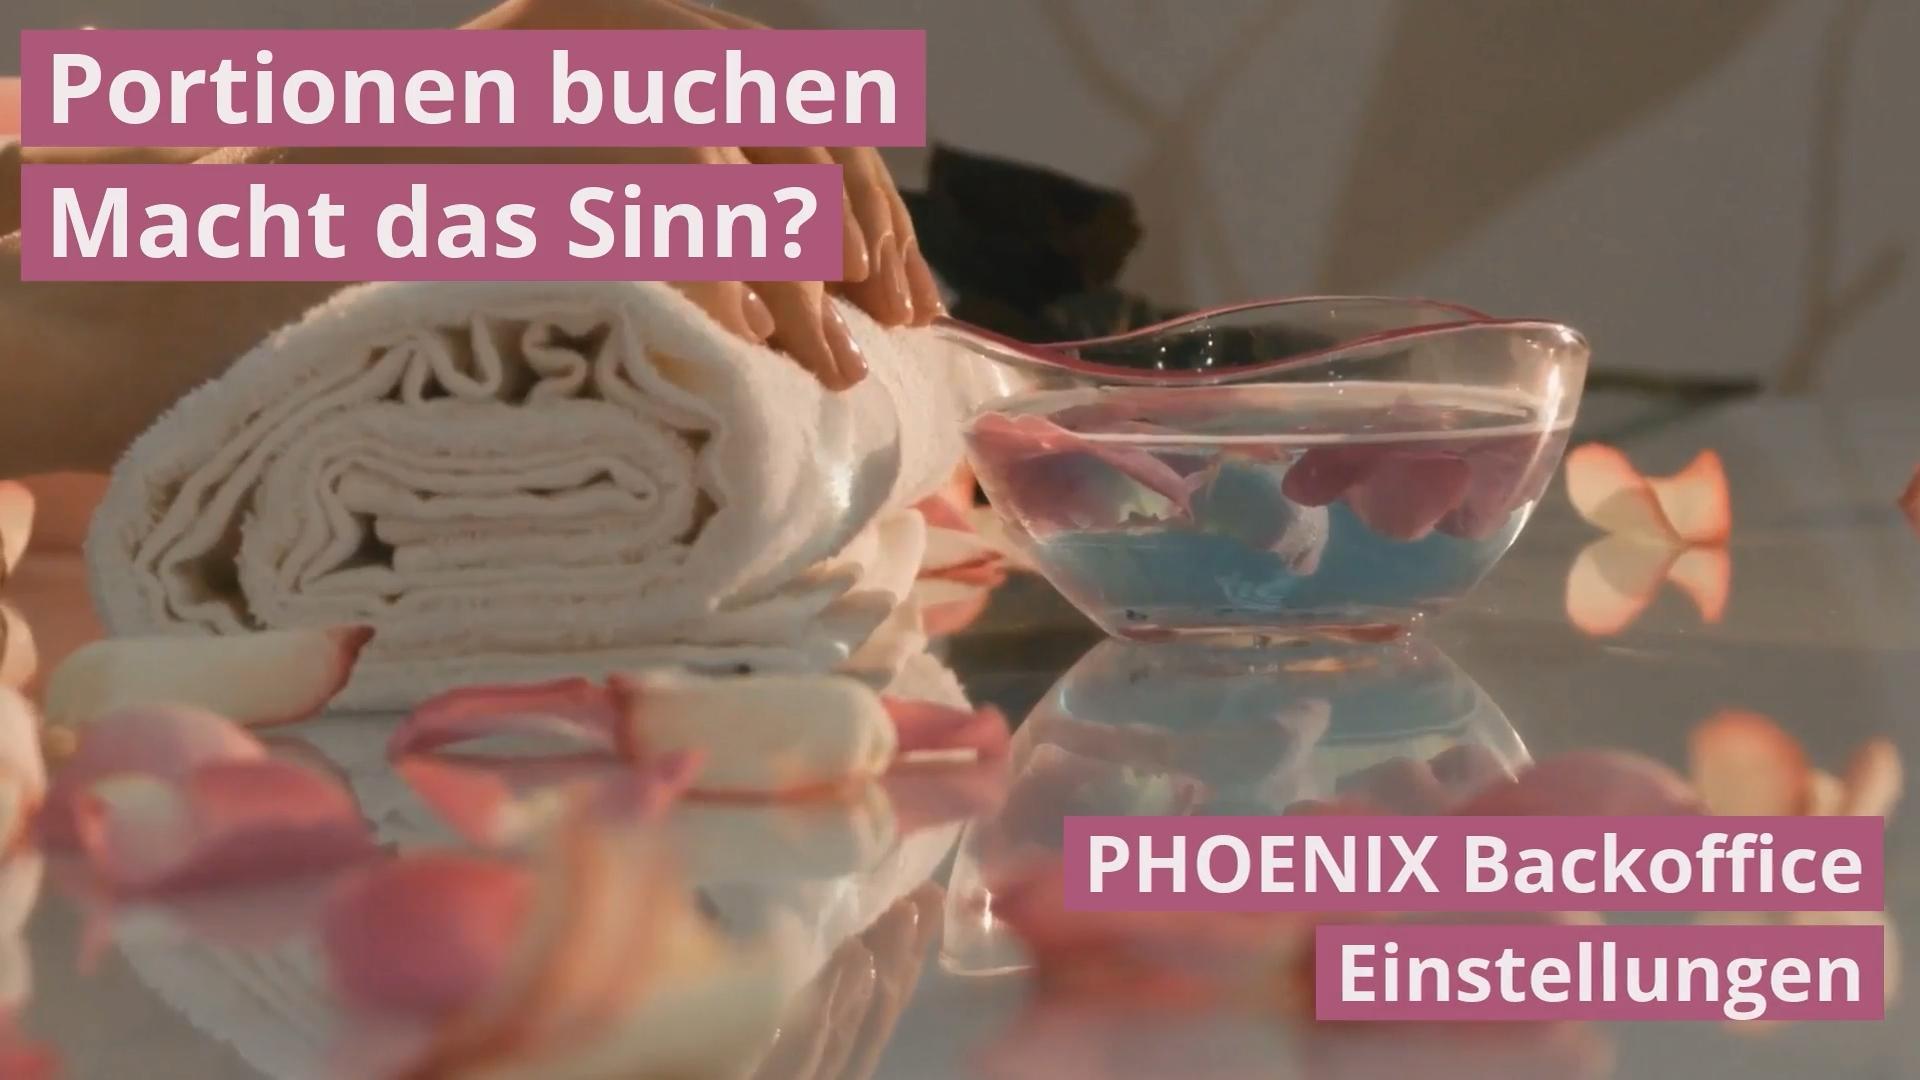 PHOENIX Feature - Portionen im Handel